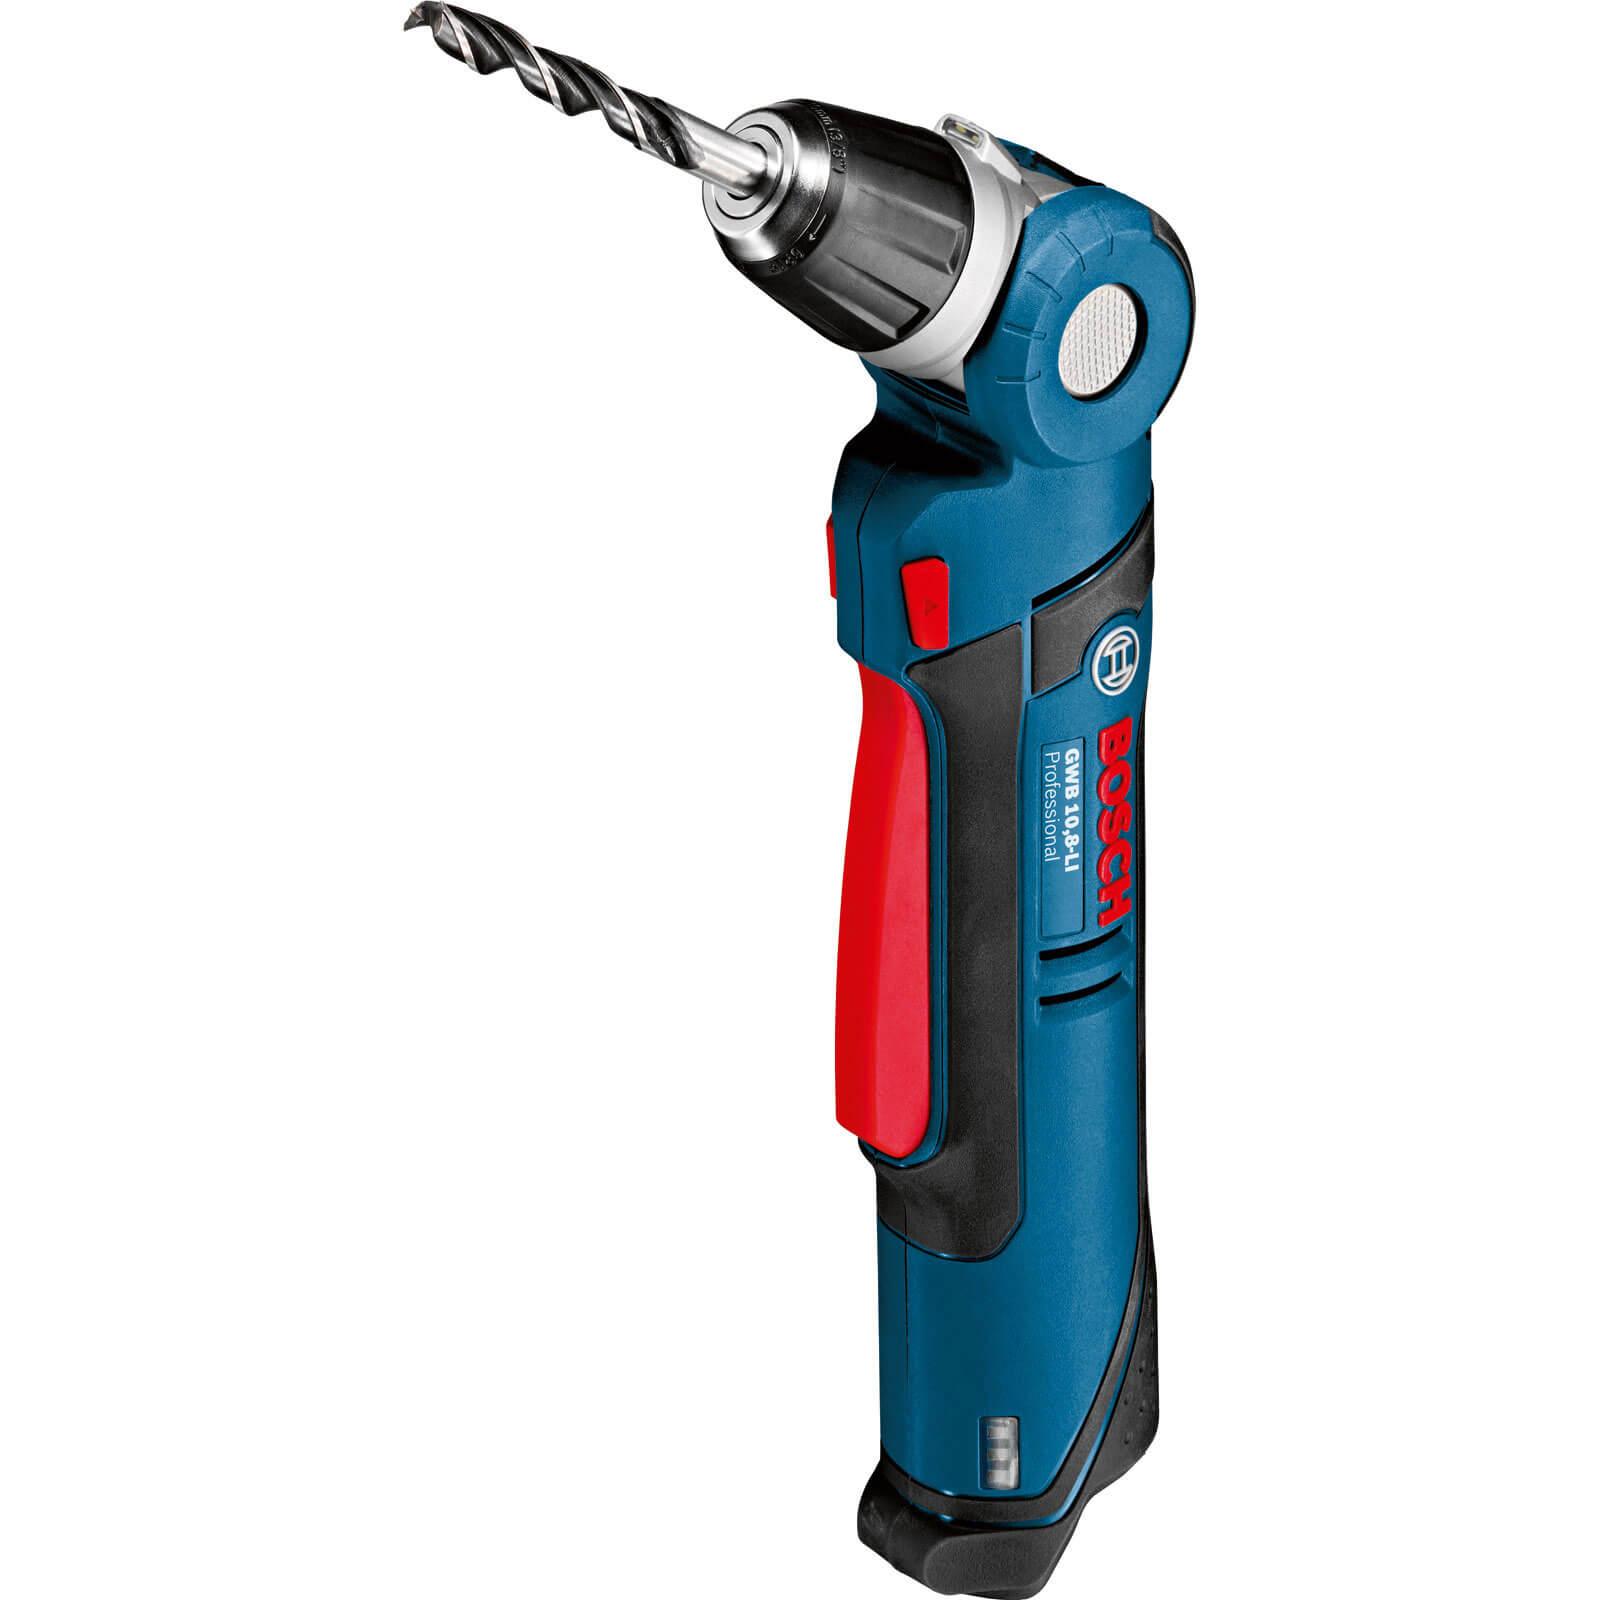 Image of Bosch GWB 12 V-Li 12v Cordless Angle Drill No Batteries No Charger No Case